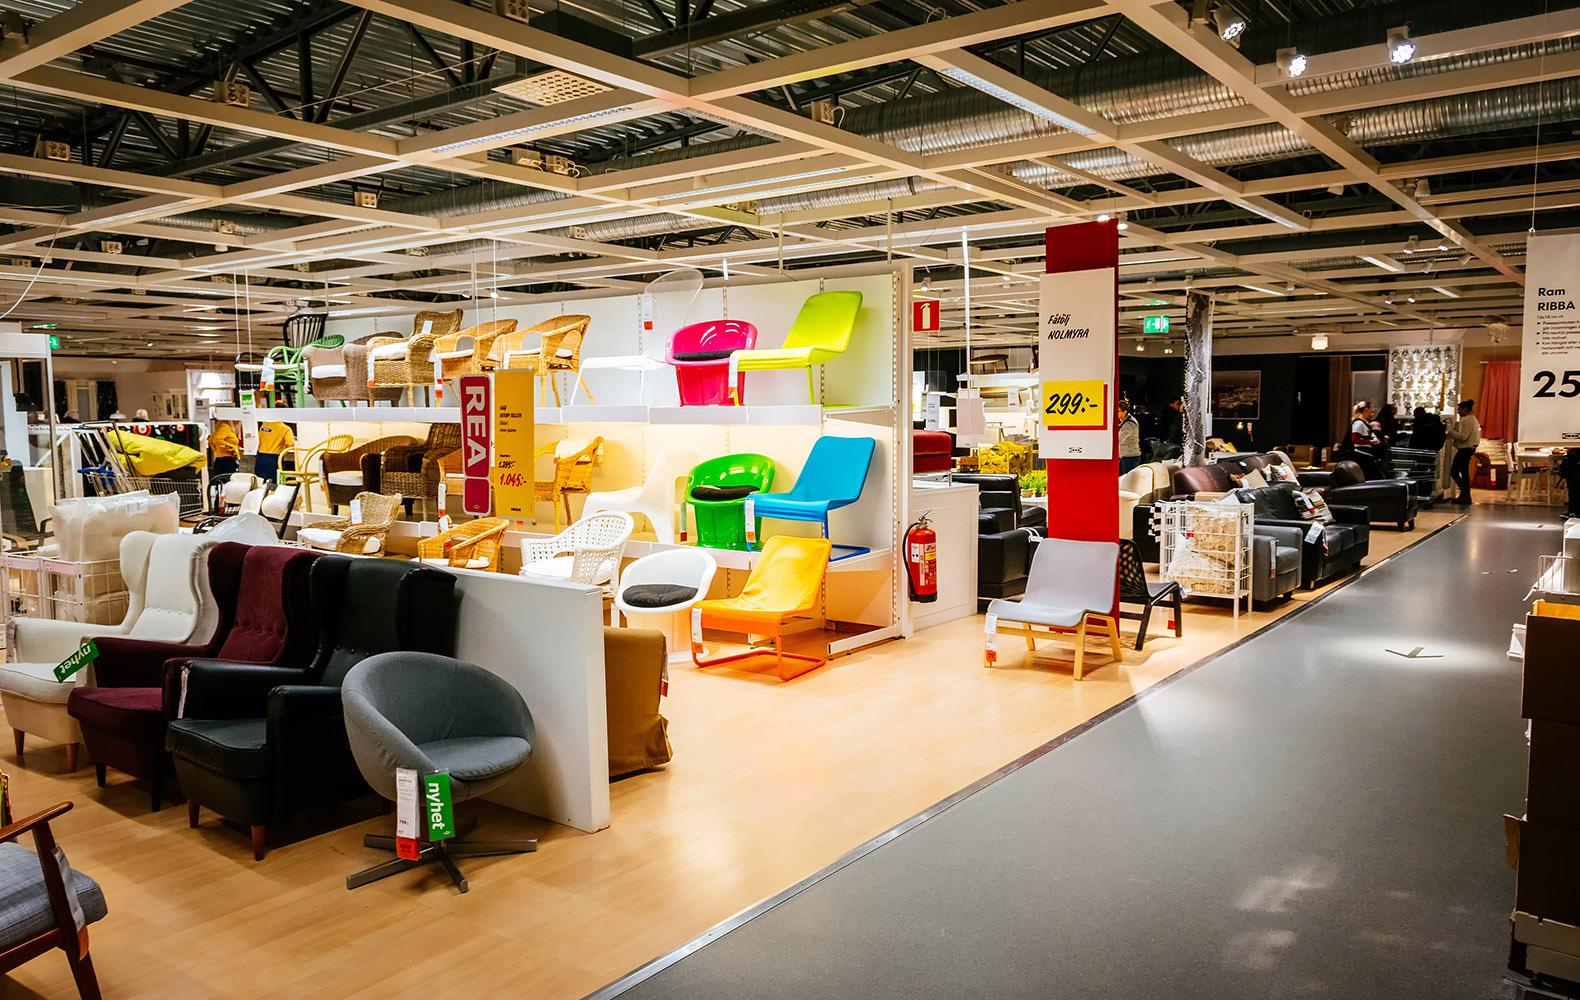 La Gigante Ikea Es Tan Exitosa Que Hasta Abre Su Propio